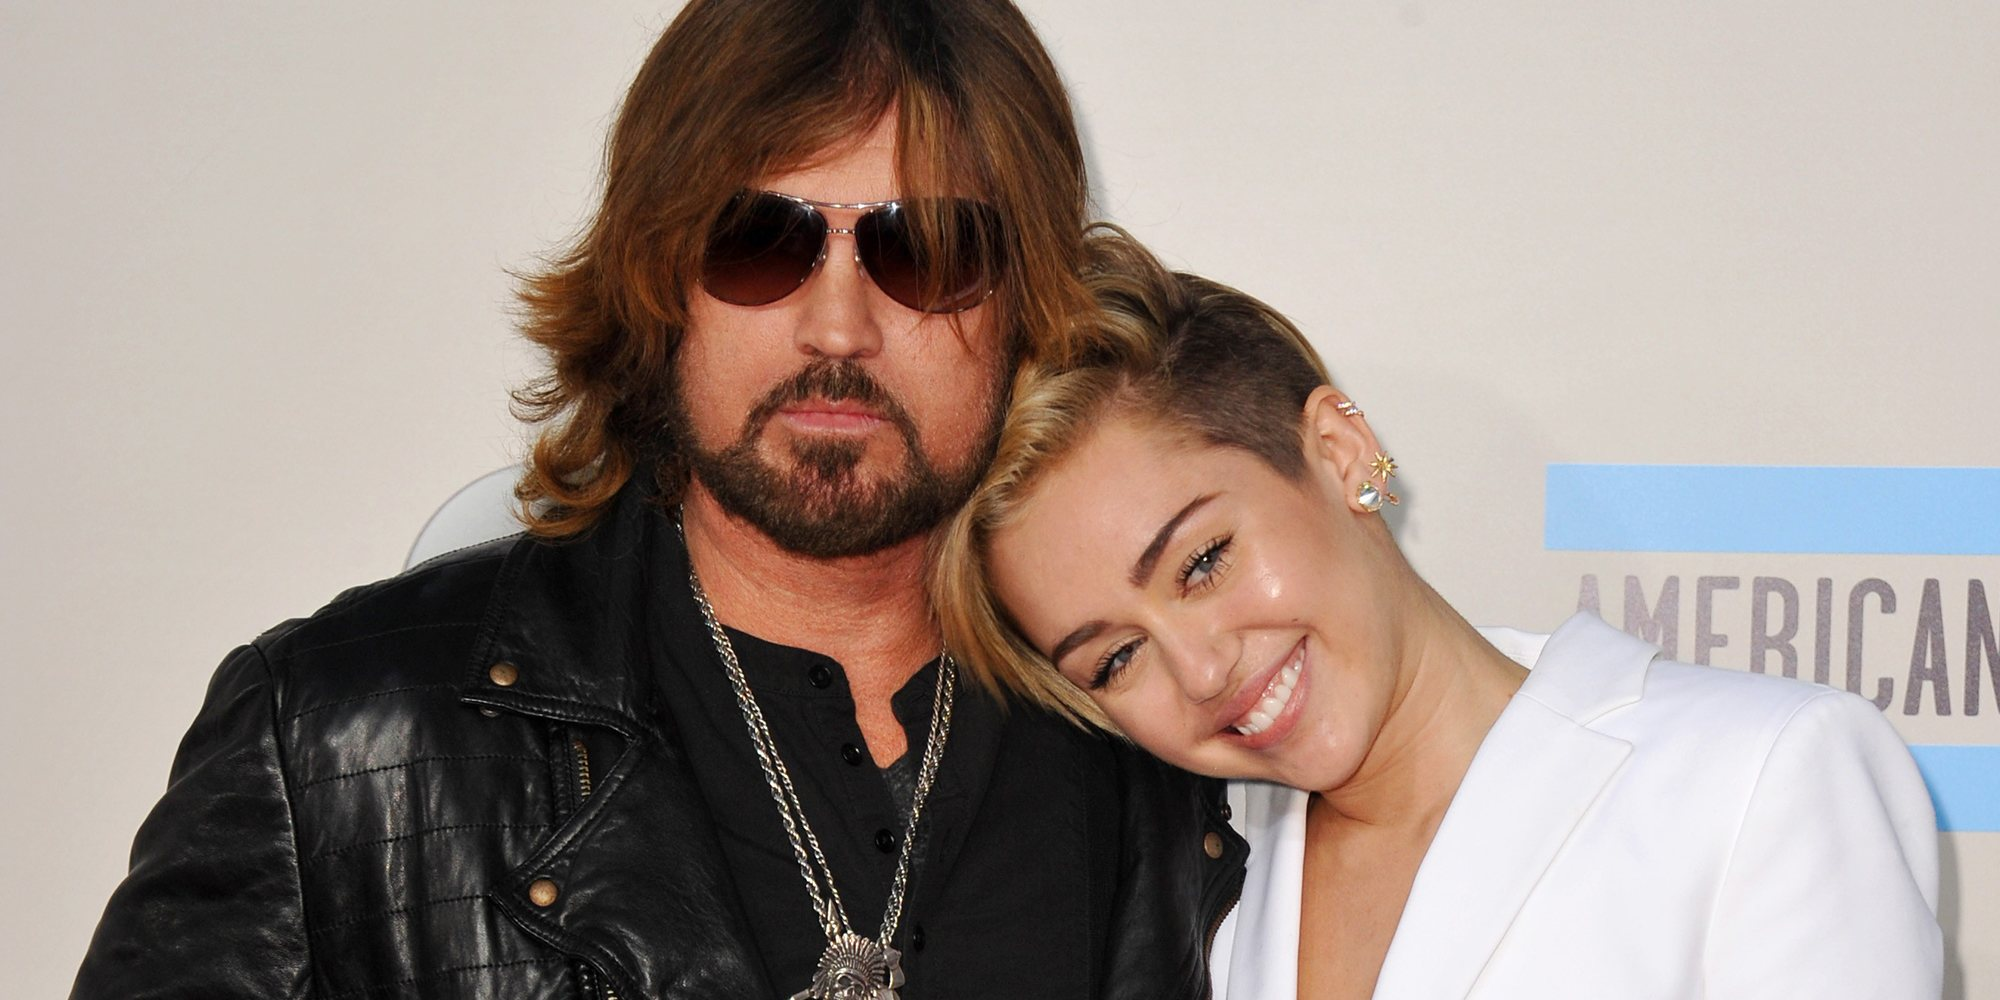 Billy Ray Cyrus confirma que la precuela de 'Hannah Montana' está en proceso